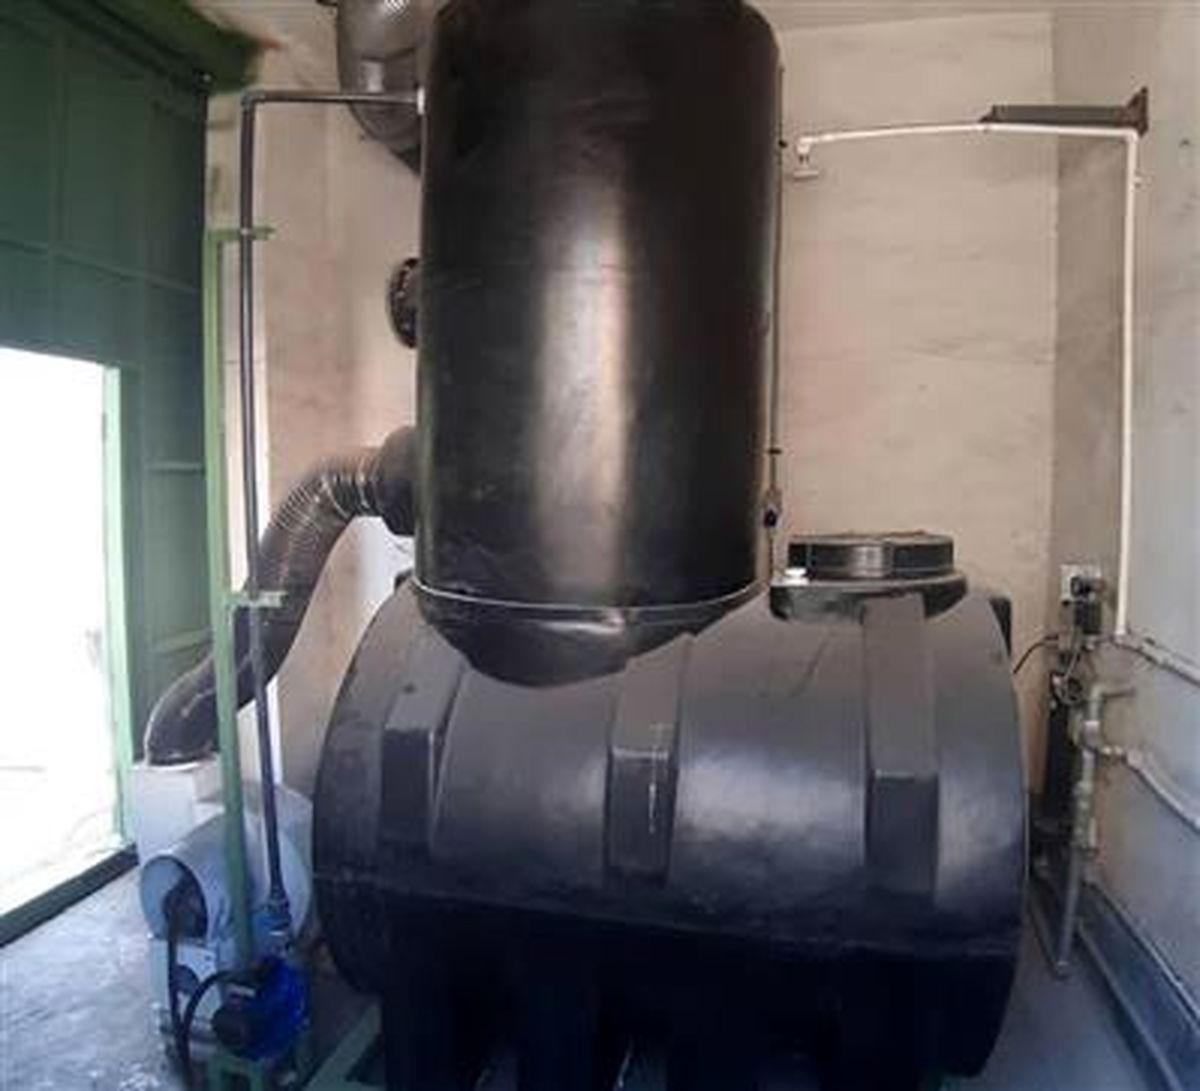 بهینه سازی و ارتقای ایمنی اتاقکهای تزریق گاز کلر